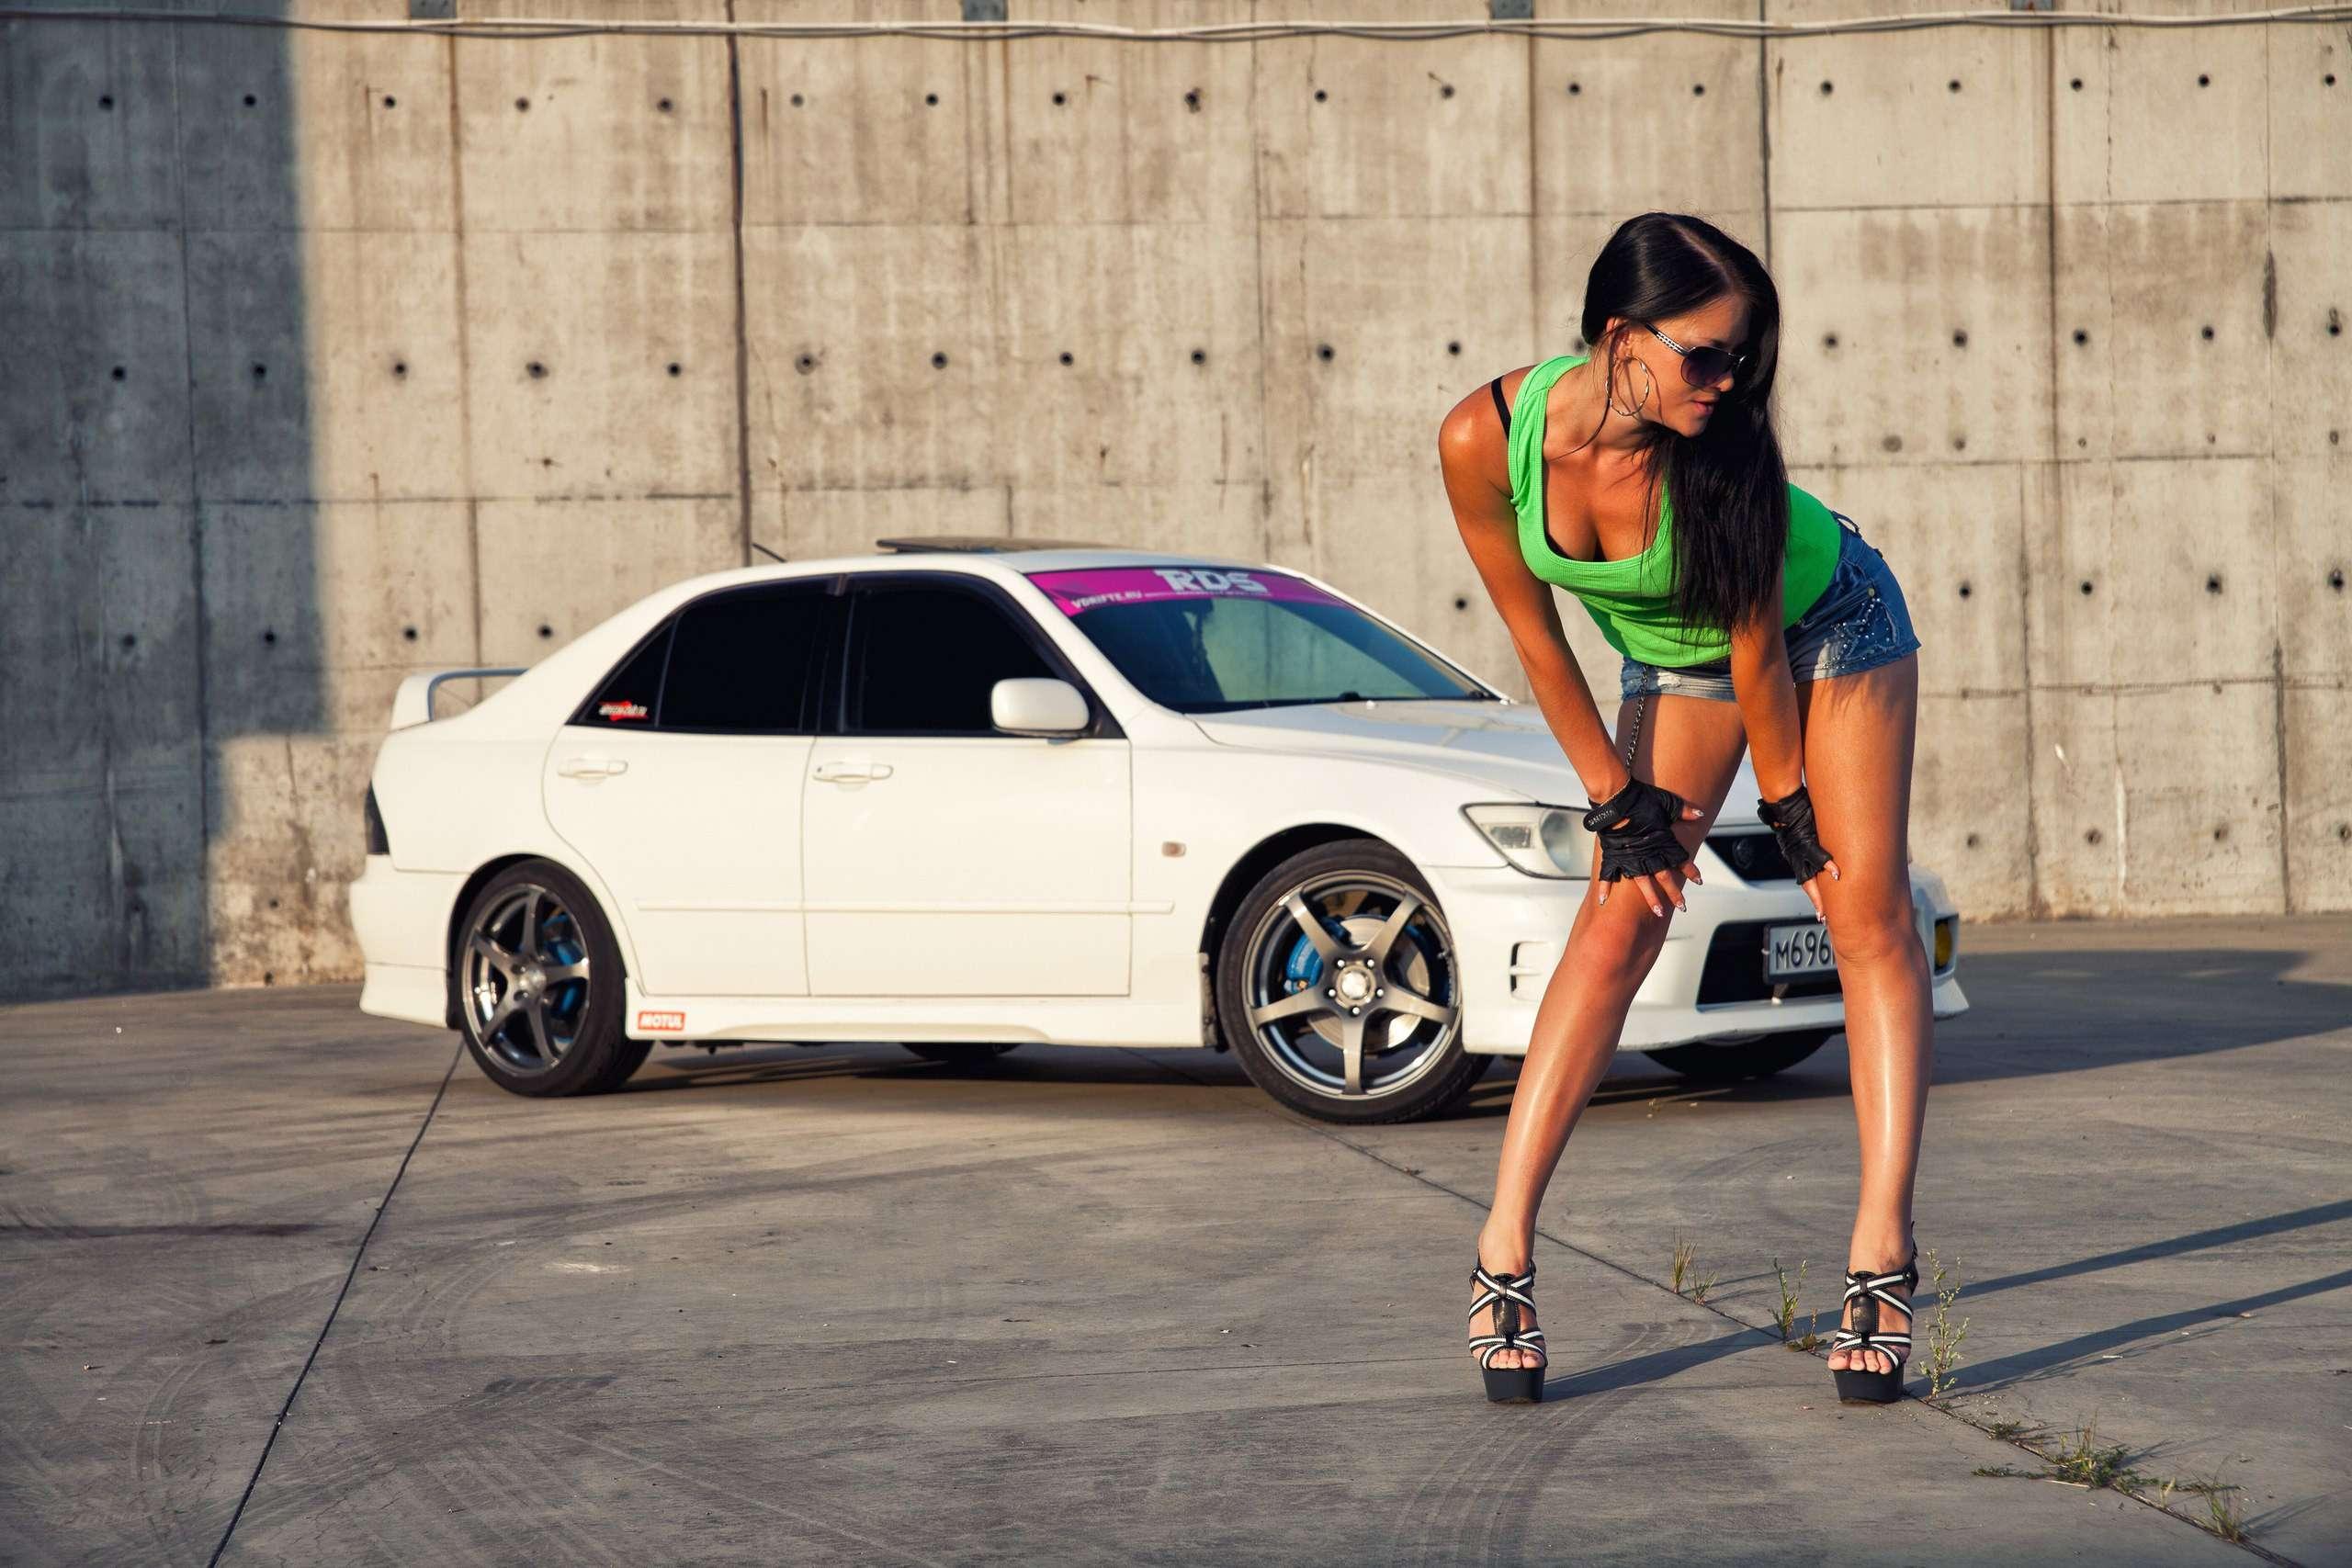 2 030 - Сексуальные девушки и автомобили (часть 17)